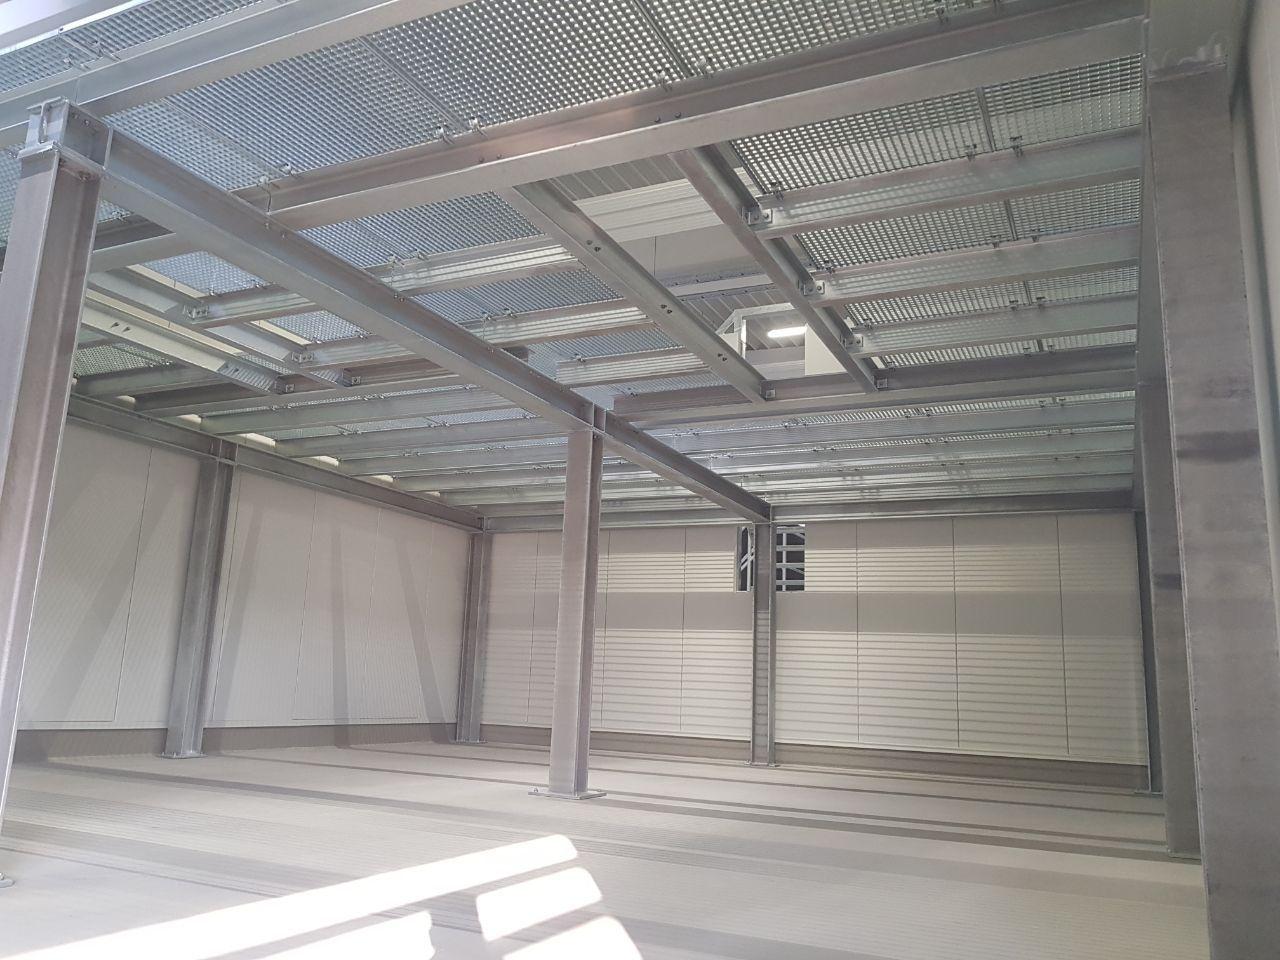 Stahlbühnen mit Gitterrosten